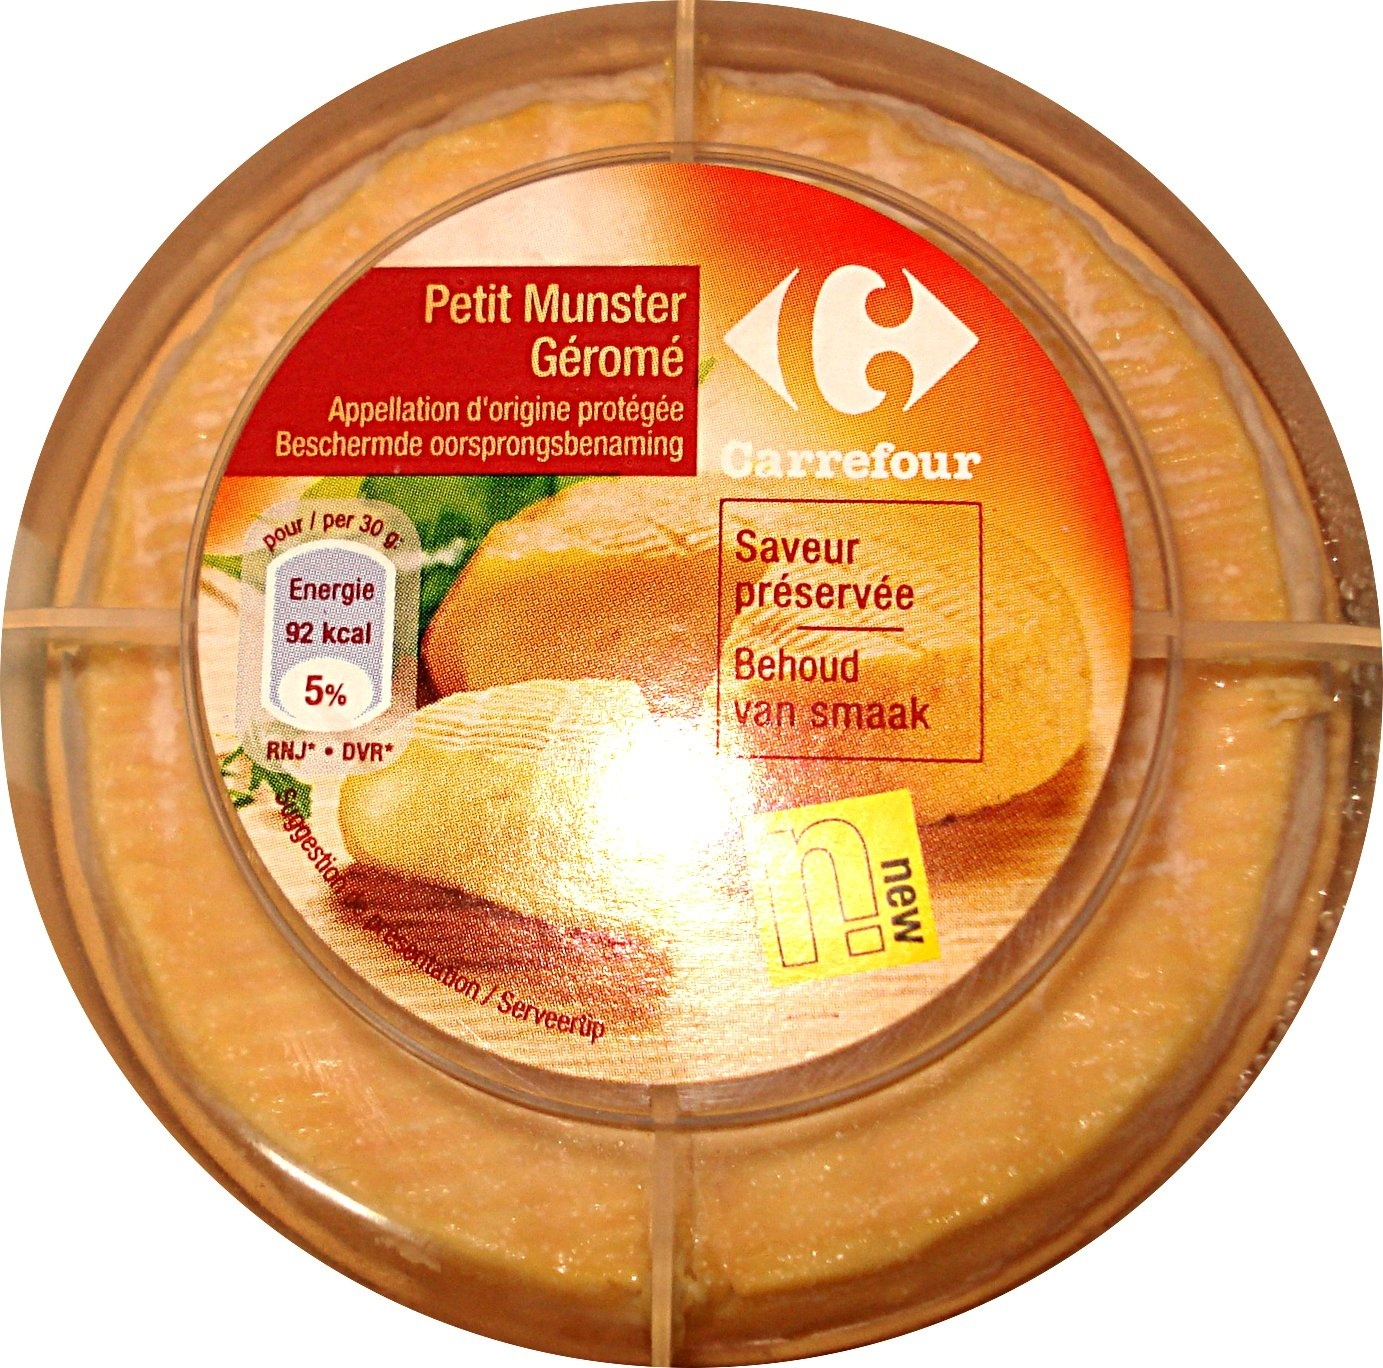 Petit Munster Géromé AOP (24 % MG) - Product - fr